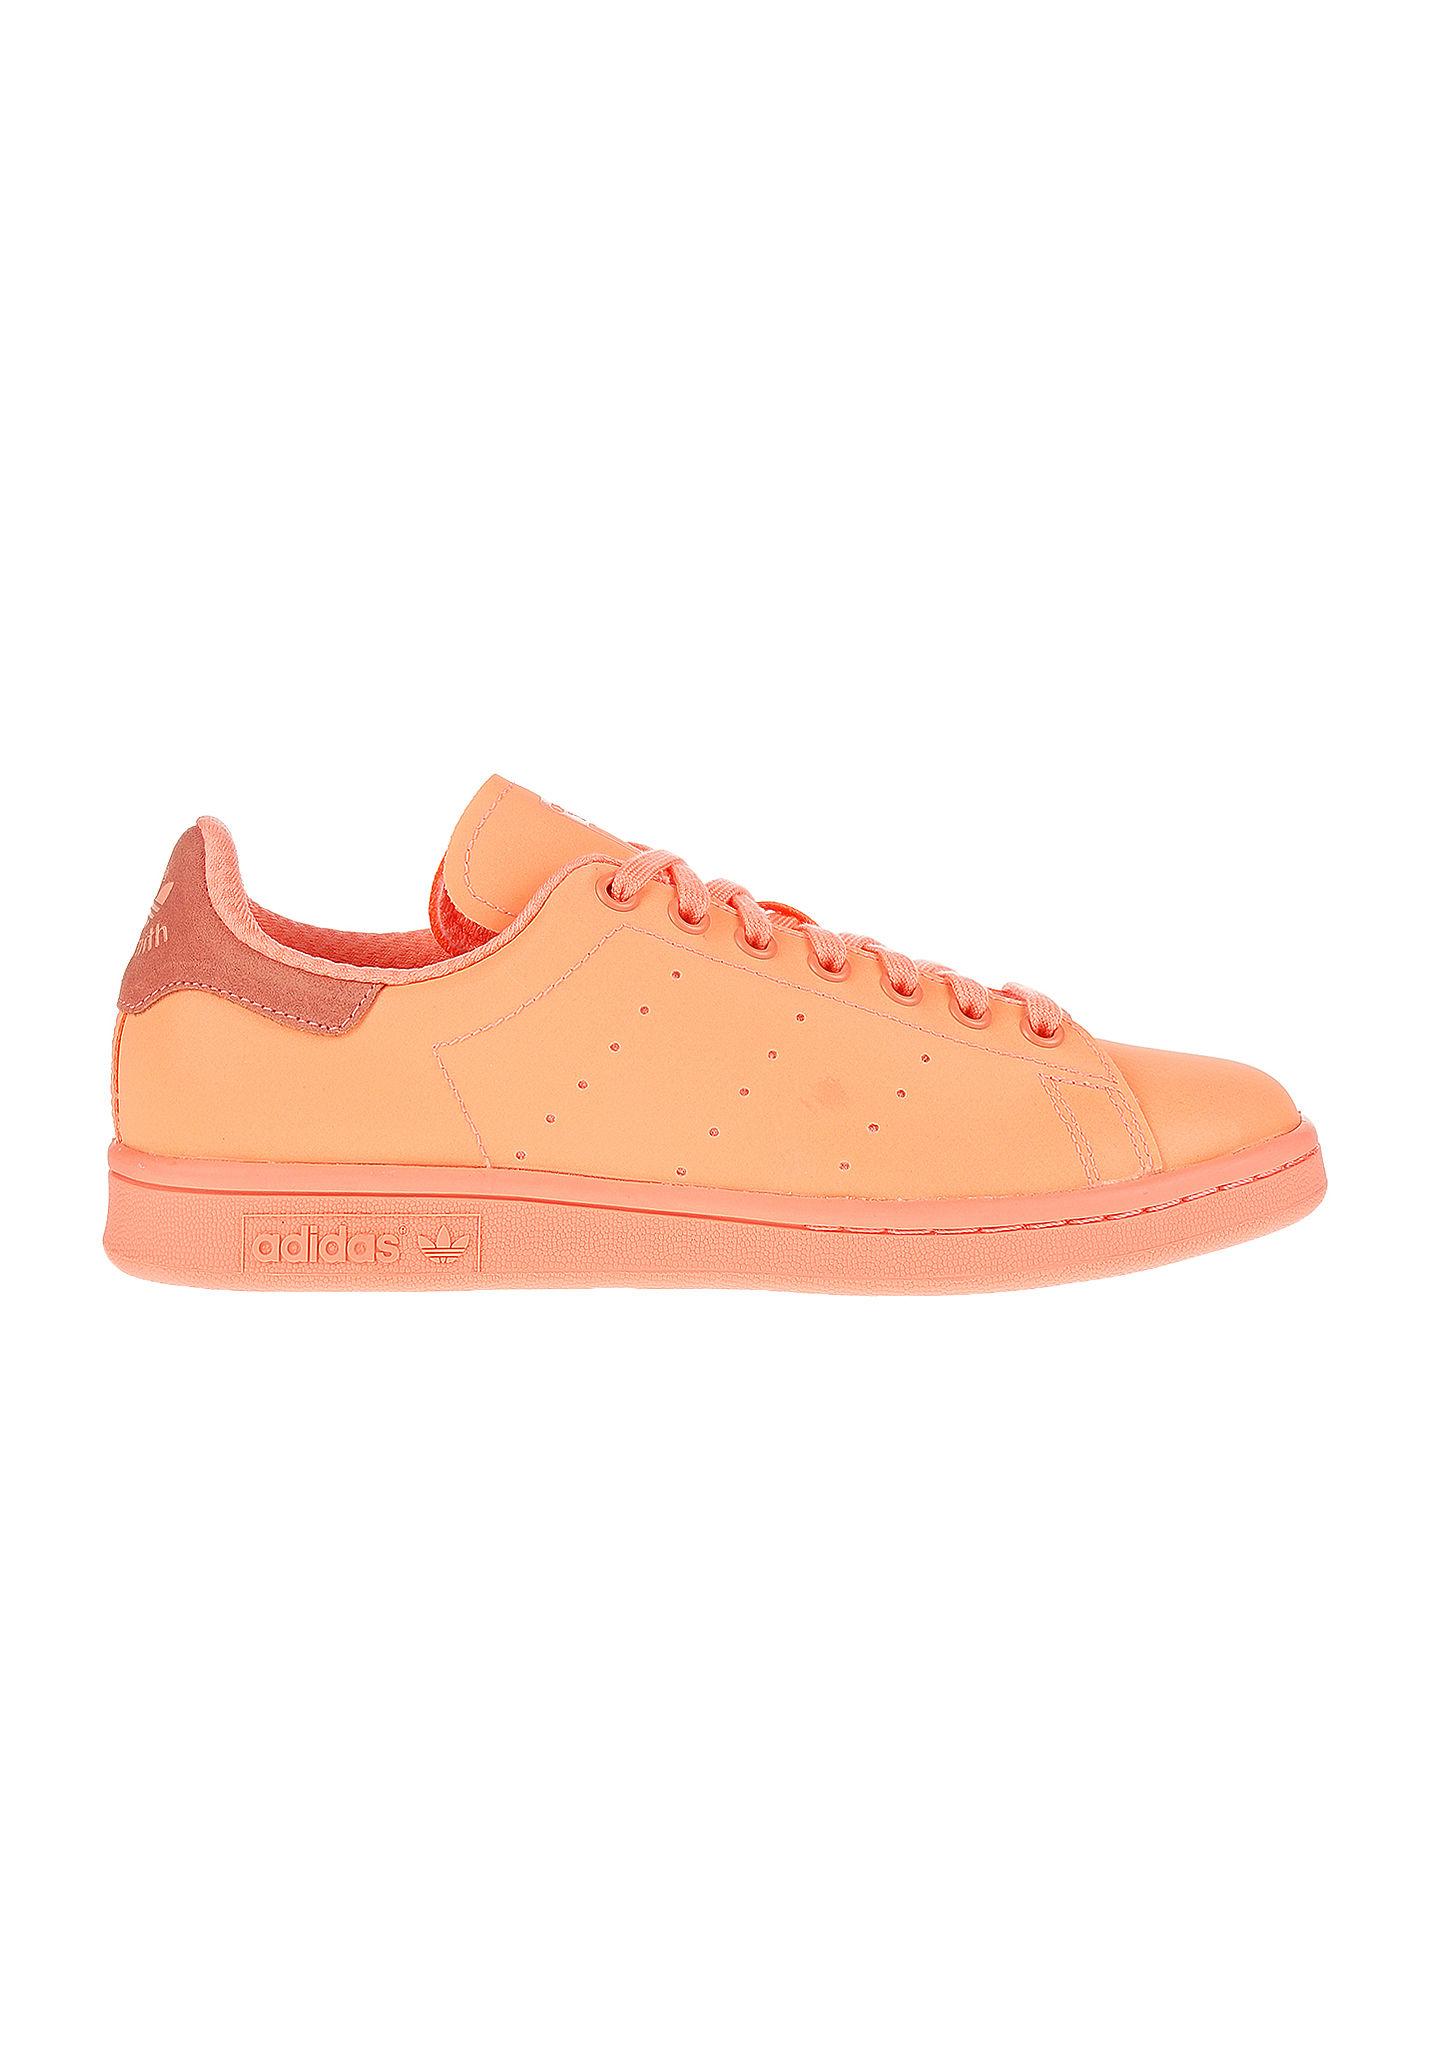 online store 248af 81966 adidas femme orange